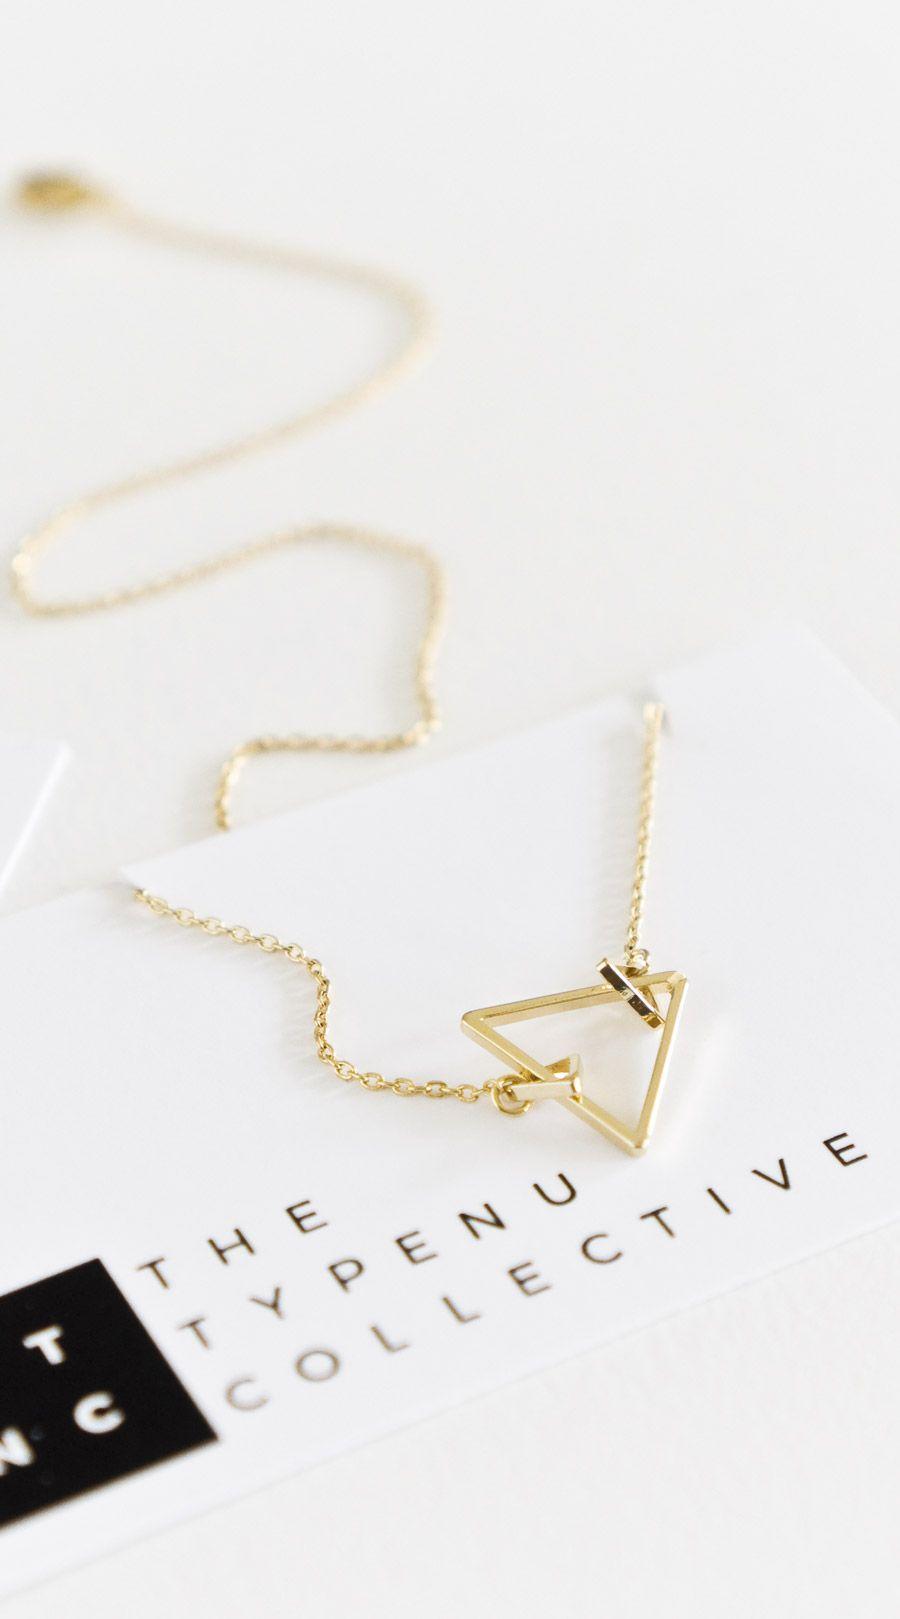 Trinity Triangle Necklace - TYPENU Co